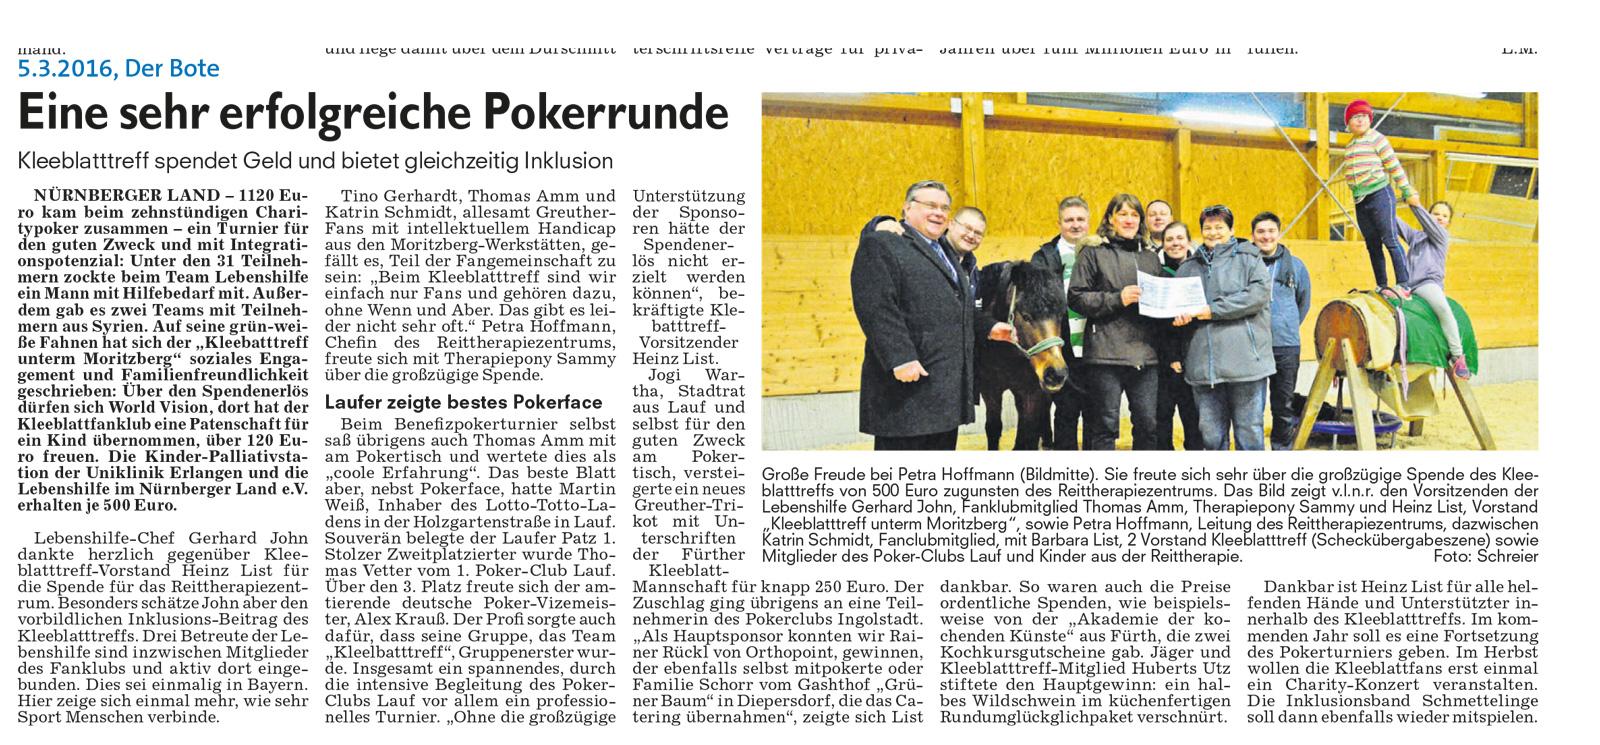 """Der Kleeblatttreff unterm Moritzberg e. V. initiert nun bereits das 3. Benefiz-Poker-Turnier. Die Lebenshilfe durfte sich schon über den Erlös des 2. Pokerturniers 2016 freuen, der zugusten des Reittherapiezentrums ging. """"Der Bote"""" berichtete darüber aus"""